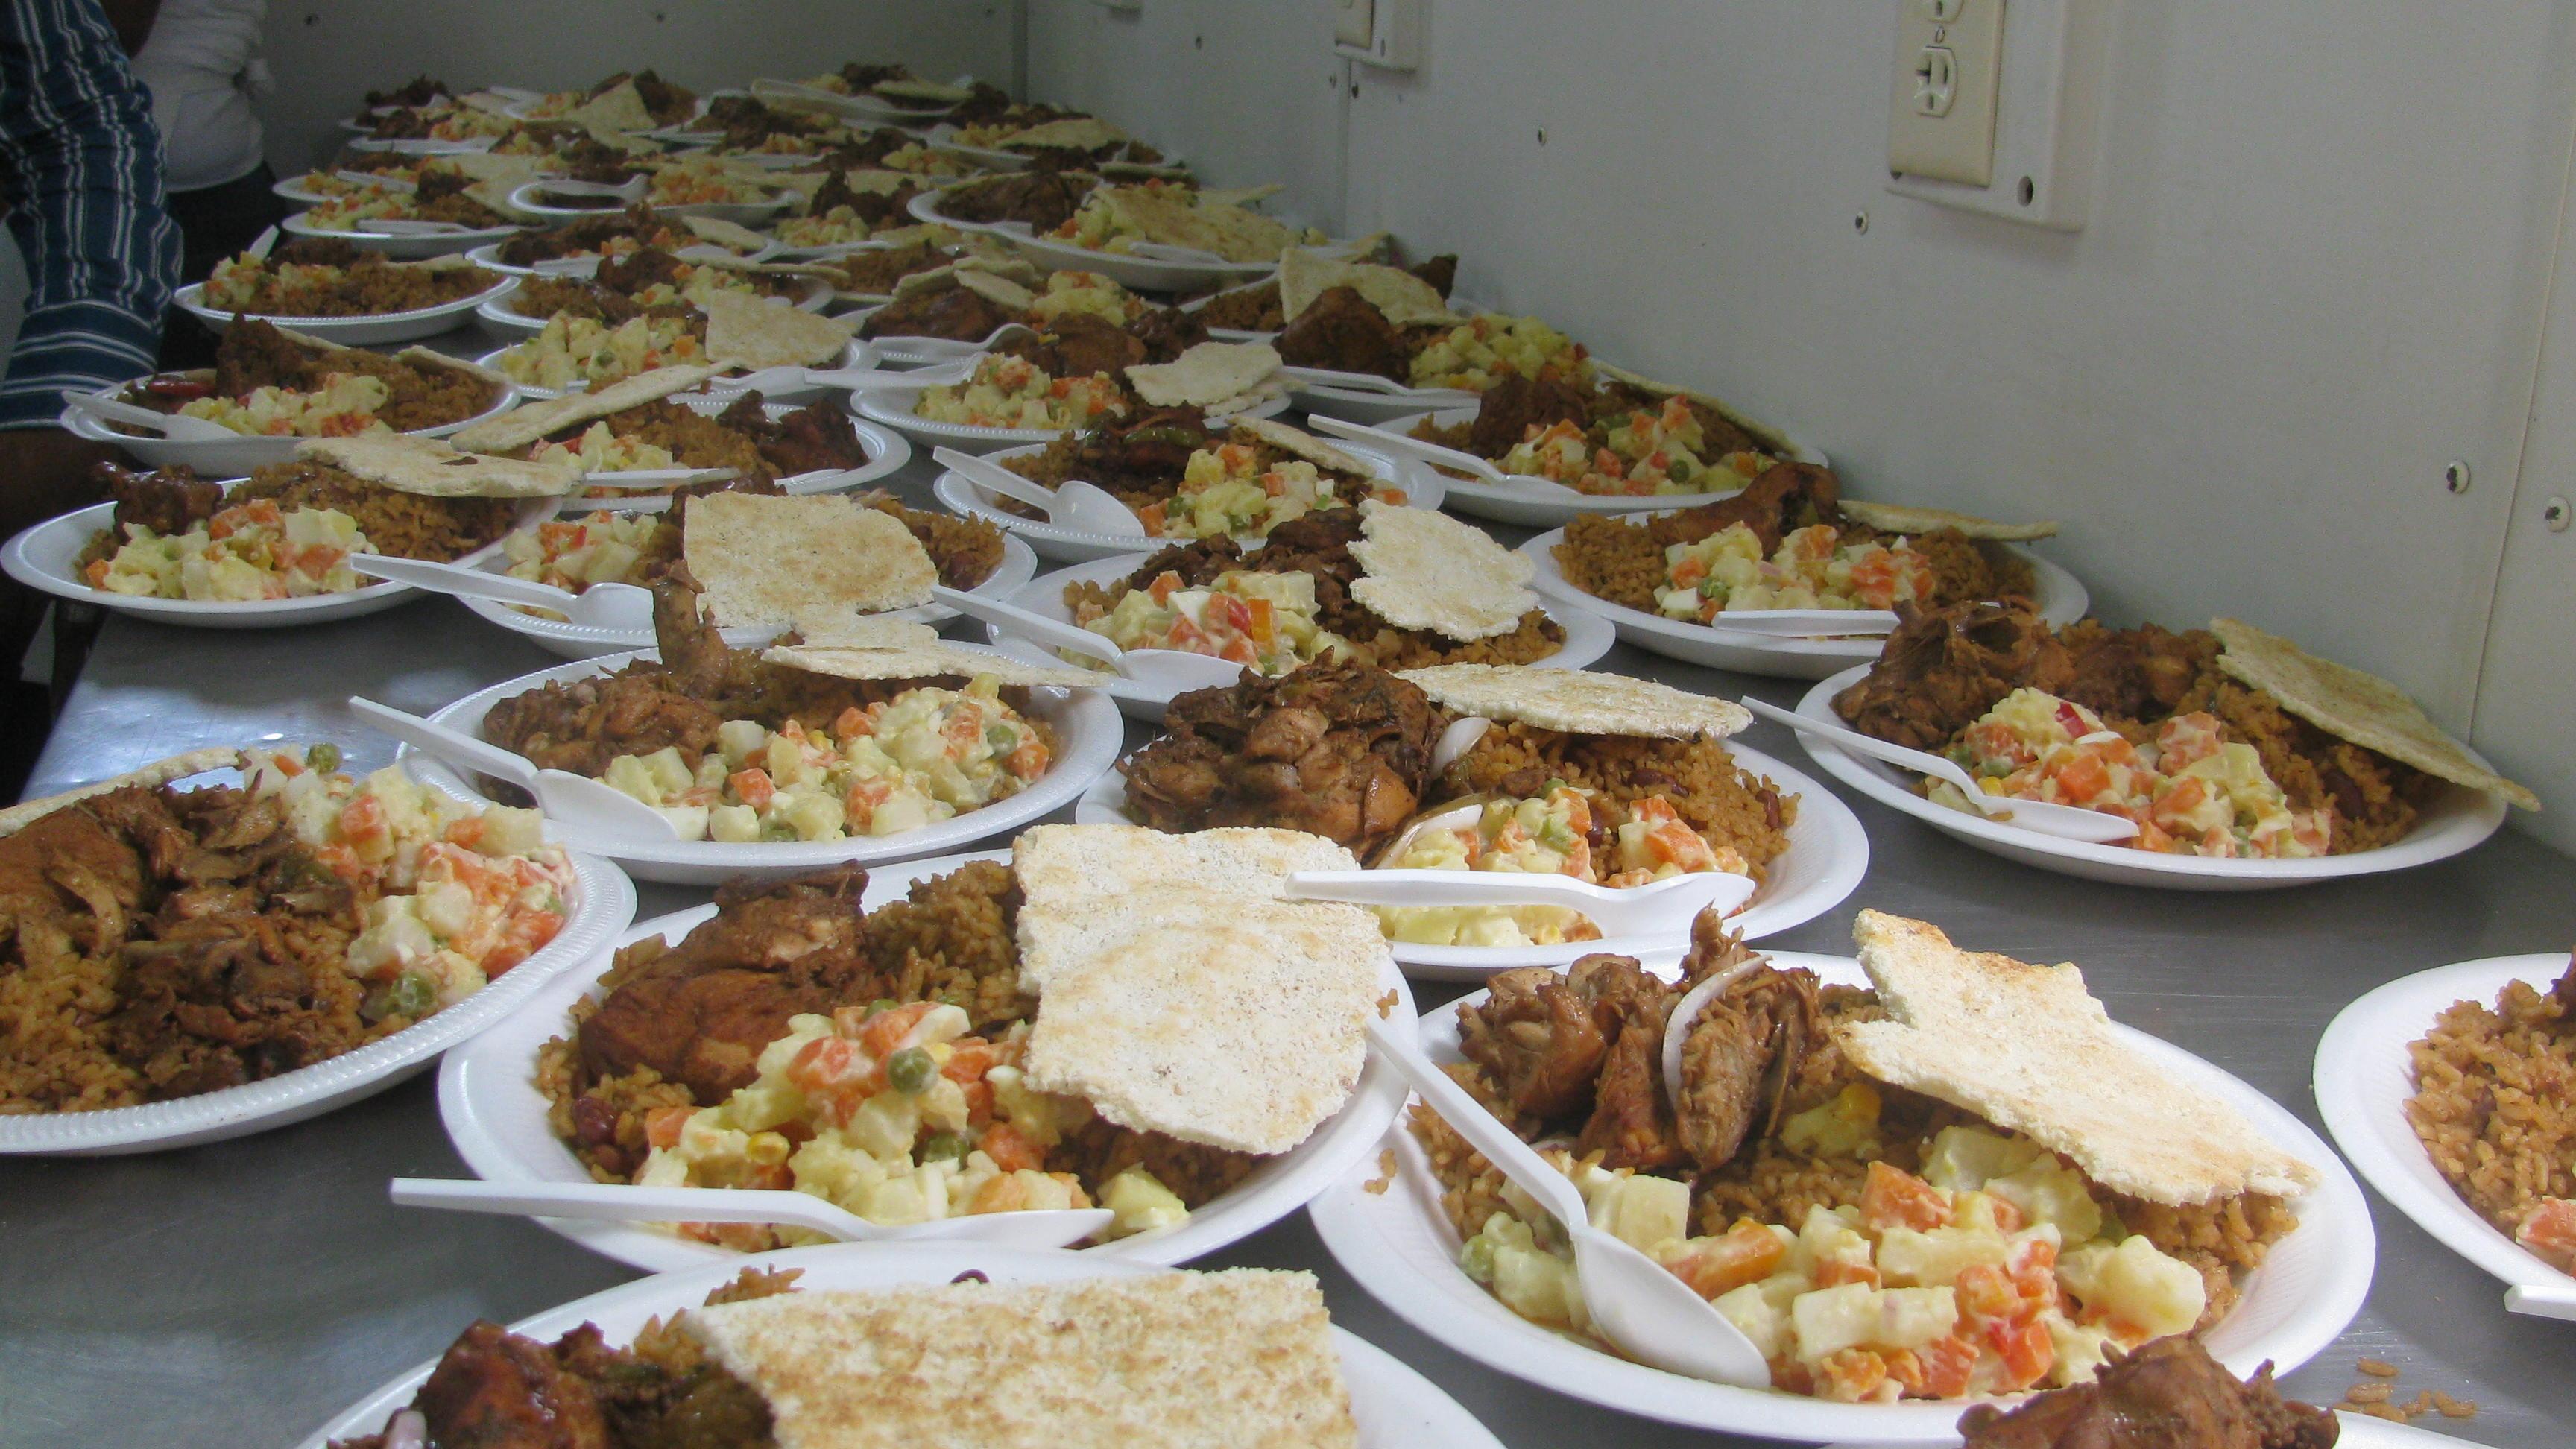 Comedores suministra alimentos a familias afectadas por for Comedores economicos